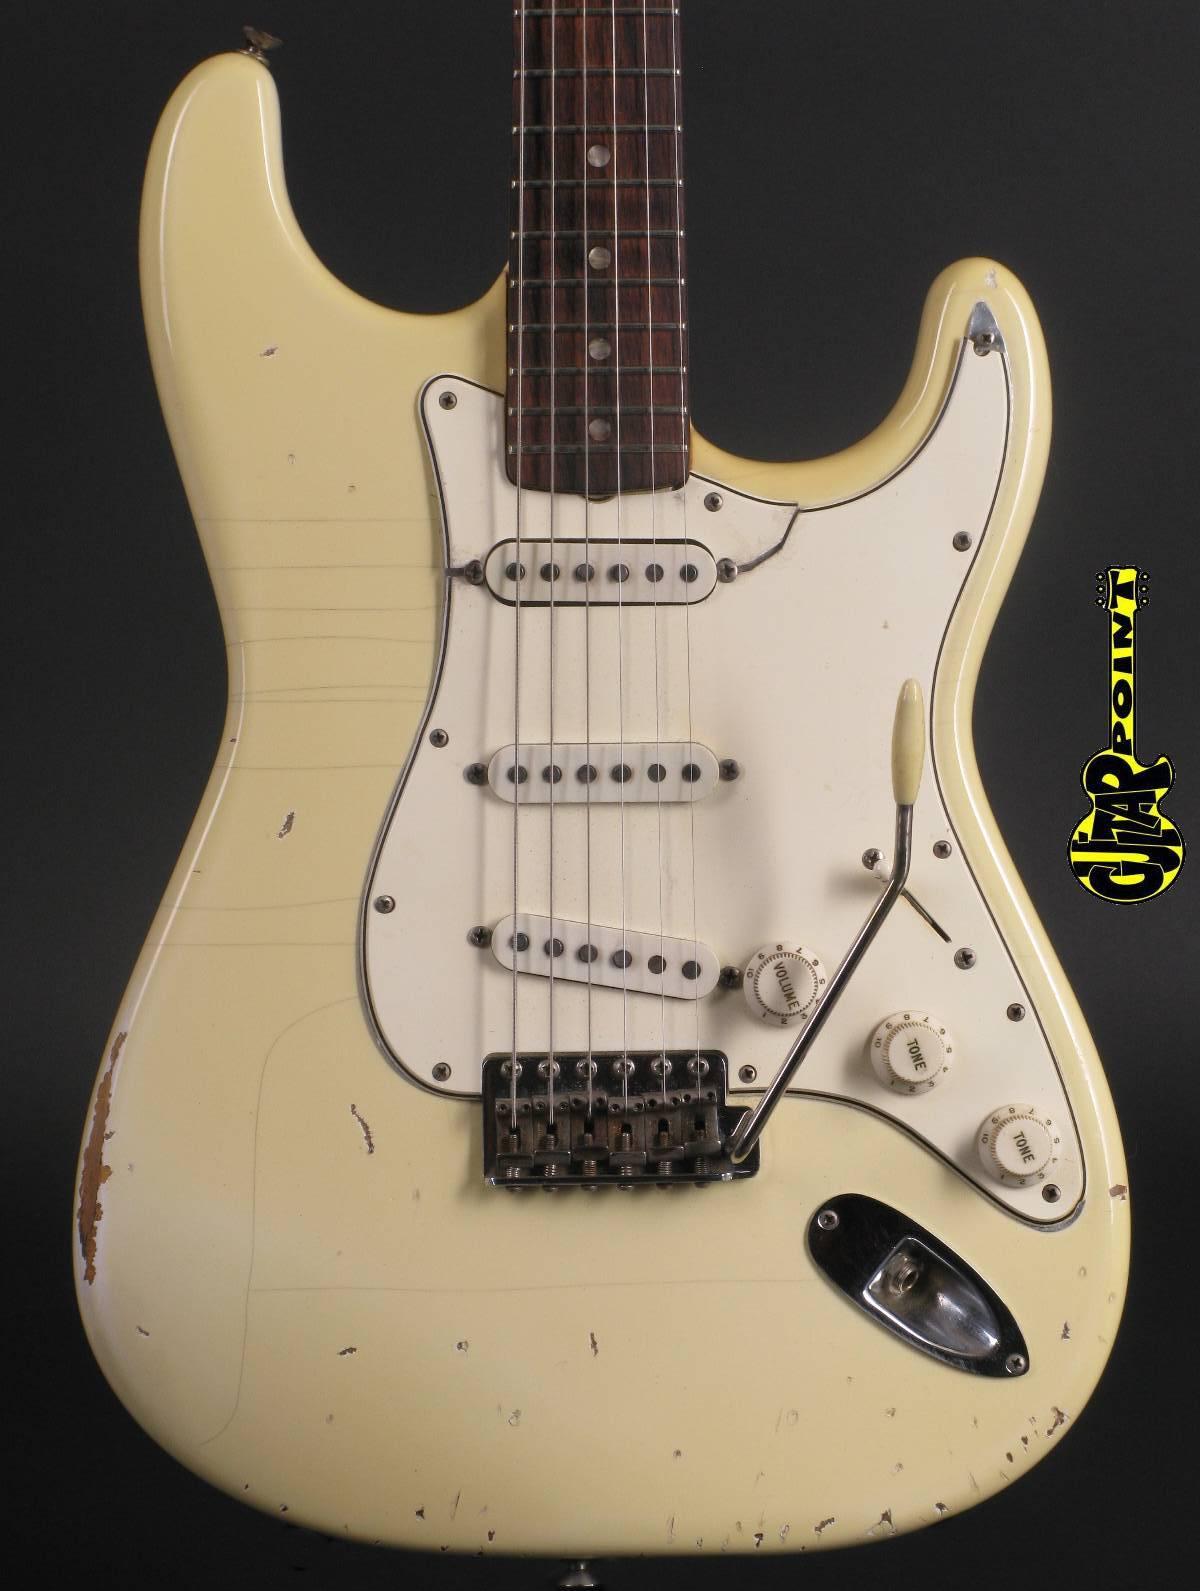 1966 Fender Stratocaster - Olympic White